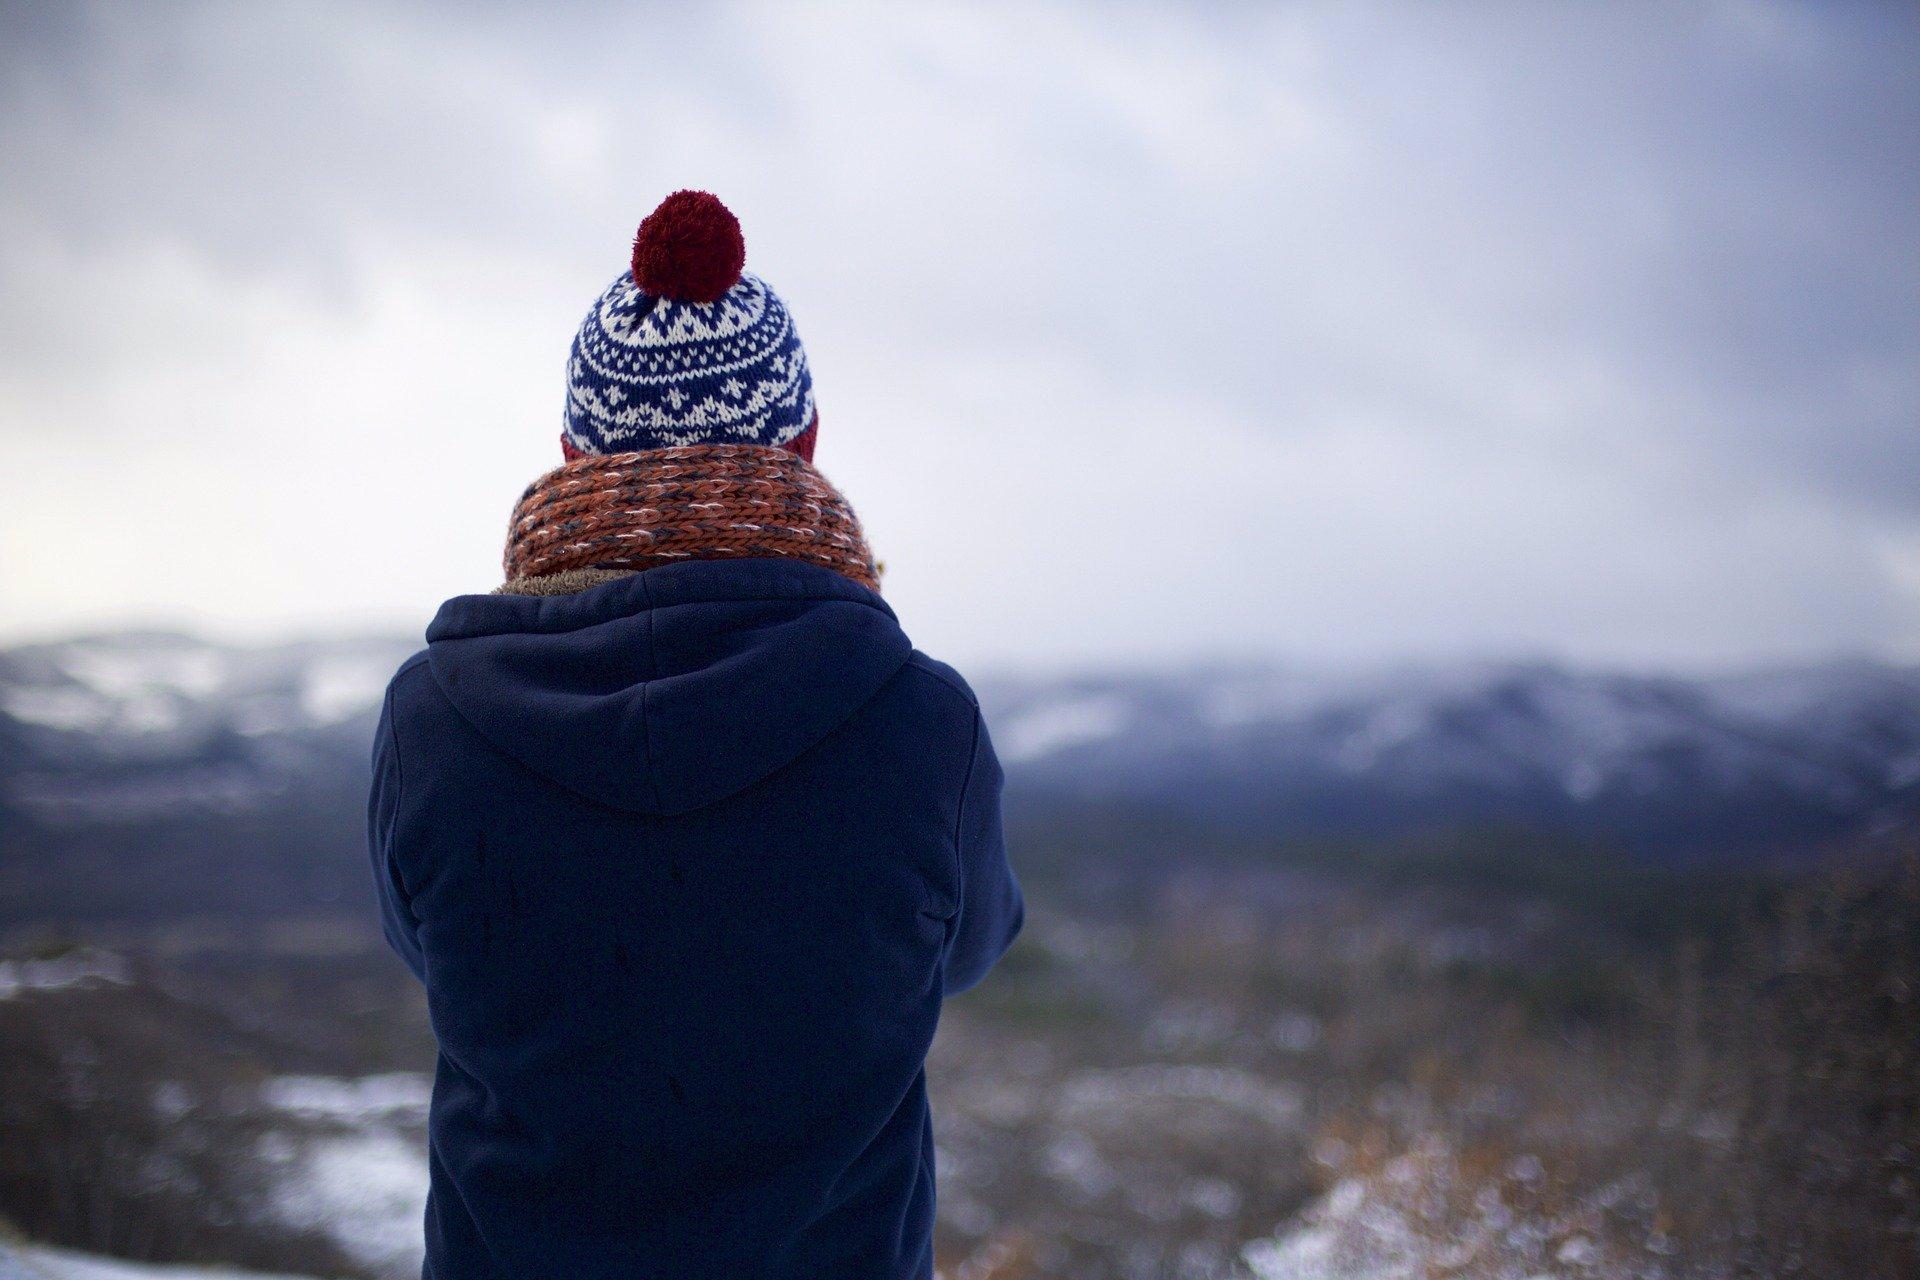 Měsíční předpověď: Letní počasí vystřídá zima a déšť, květen bude teplotně podprůměrný